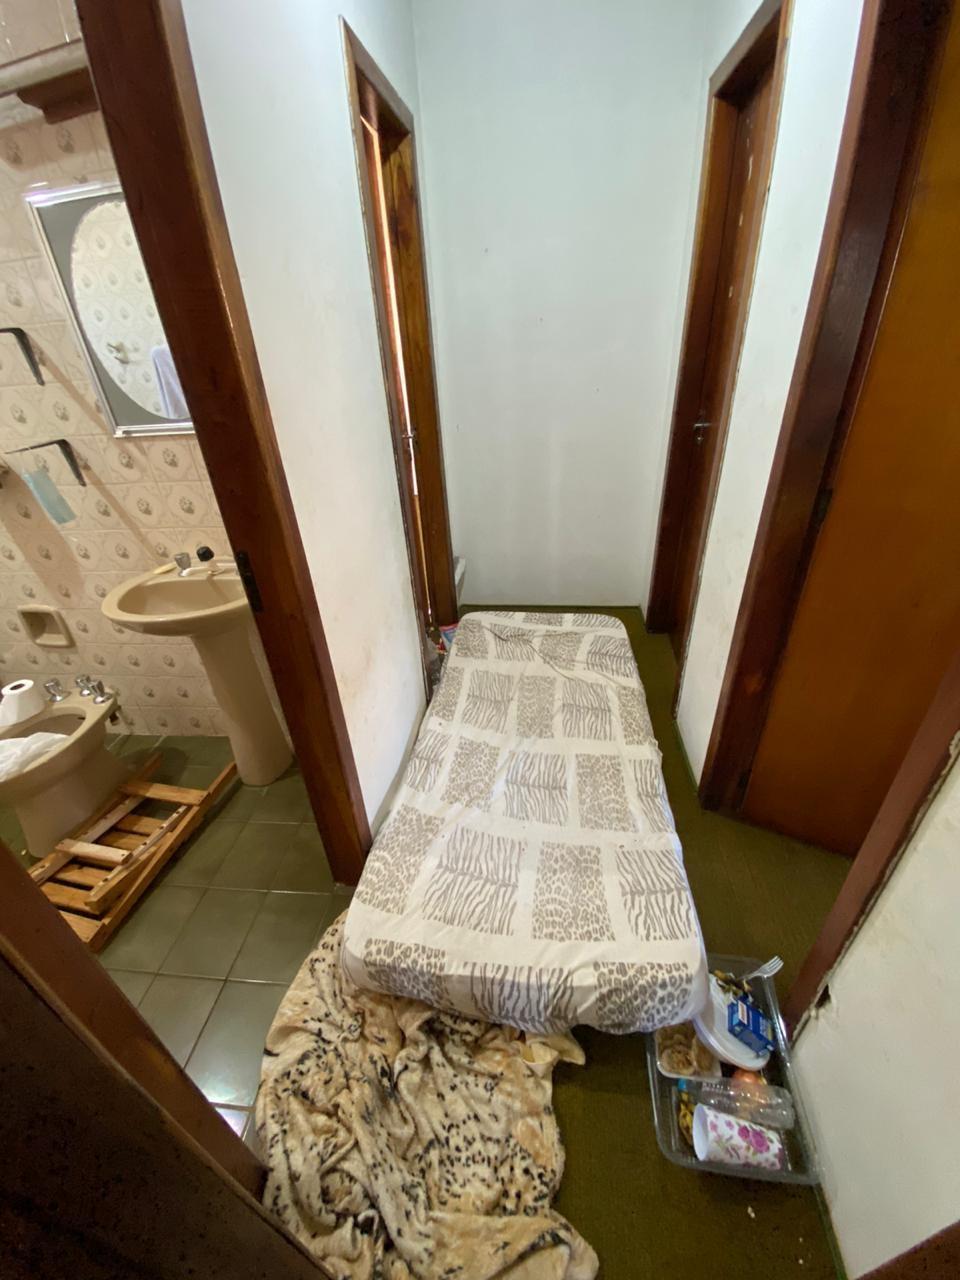 Imagens da Polícia Civil mostram local onde médica sequestrada em Erechim ficou por cinco dias